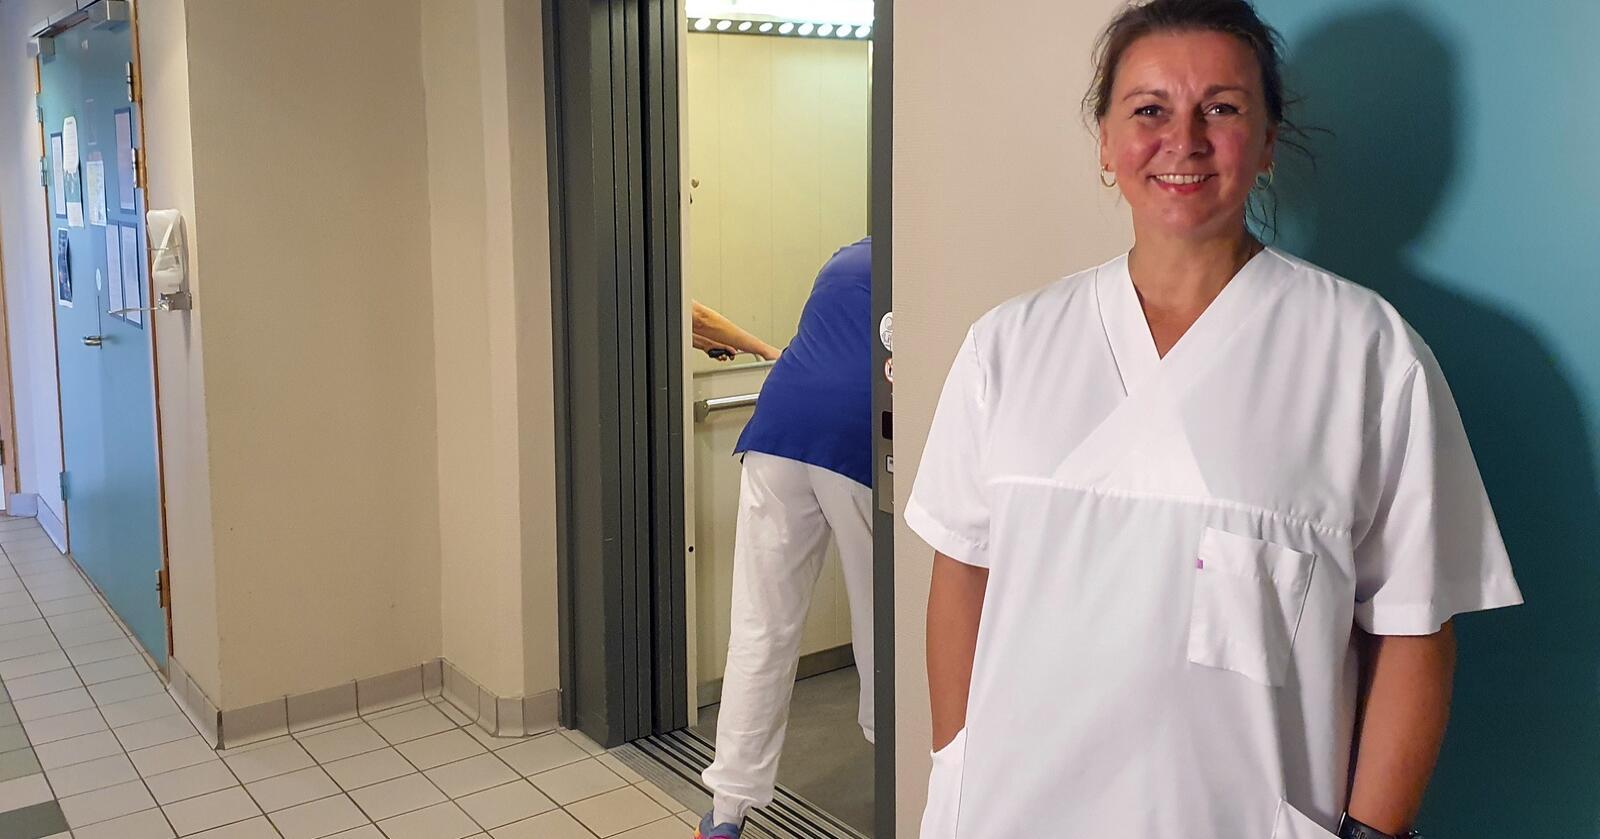 Det er utfordrende å drive kommunal helsetjeneste uten apotek i kommunen, sier Guro Knygh som er enhetsleder i Sømna kommune. Foto: Ola Karlsen